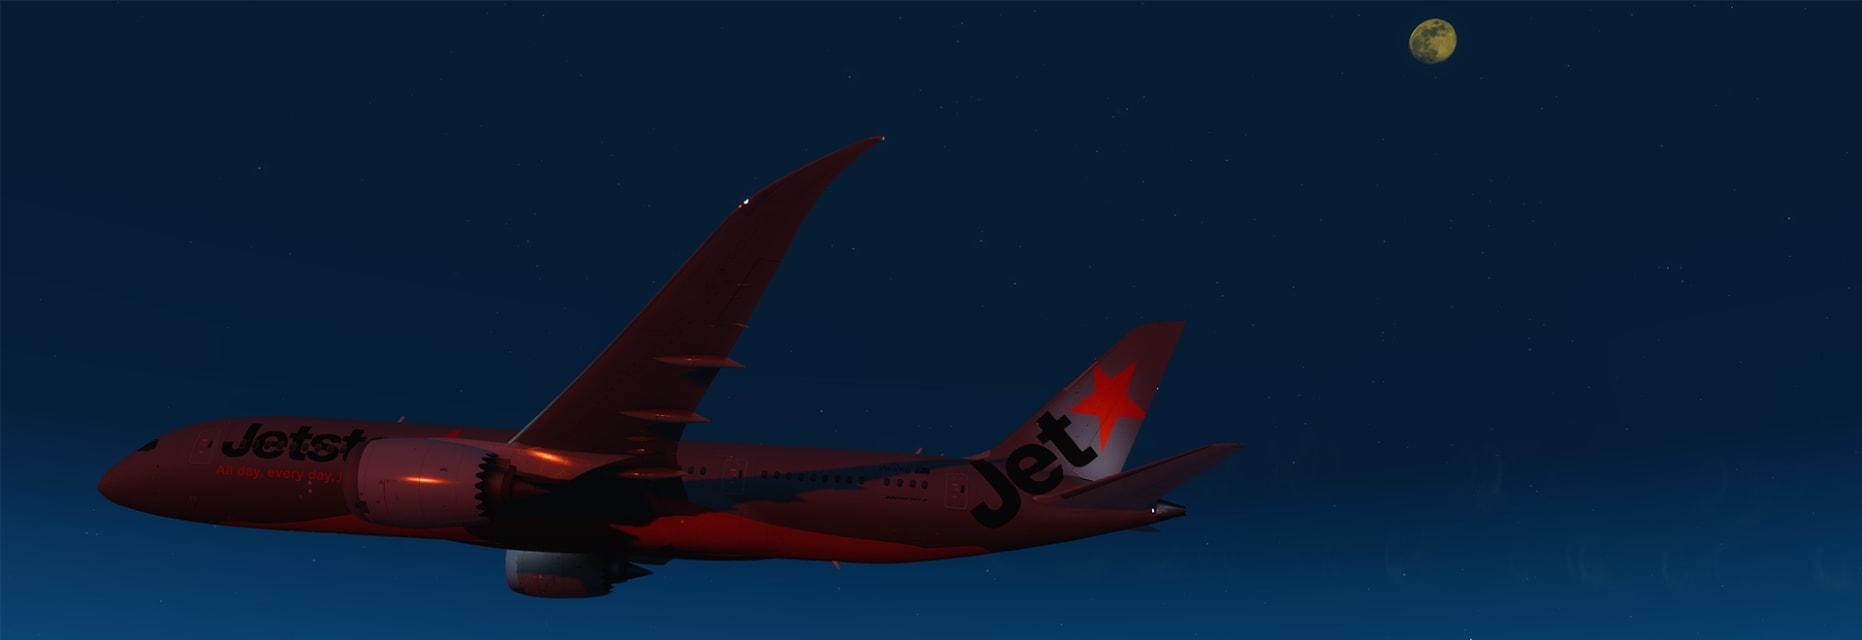 Jetstar Tour Cover